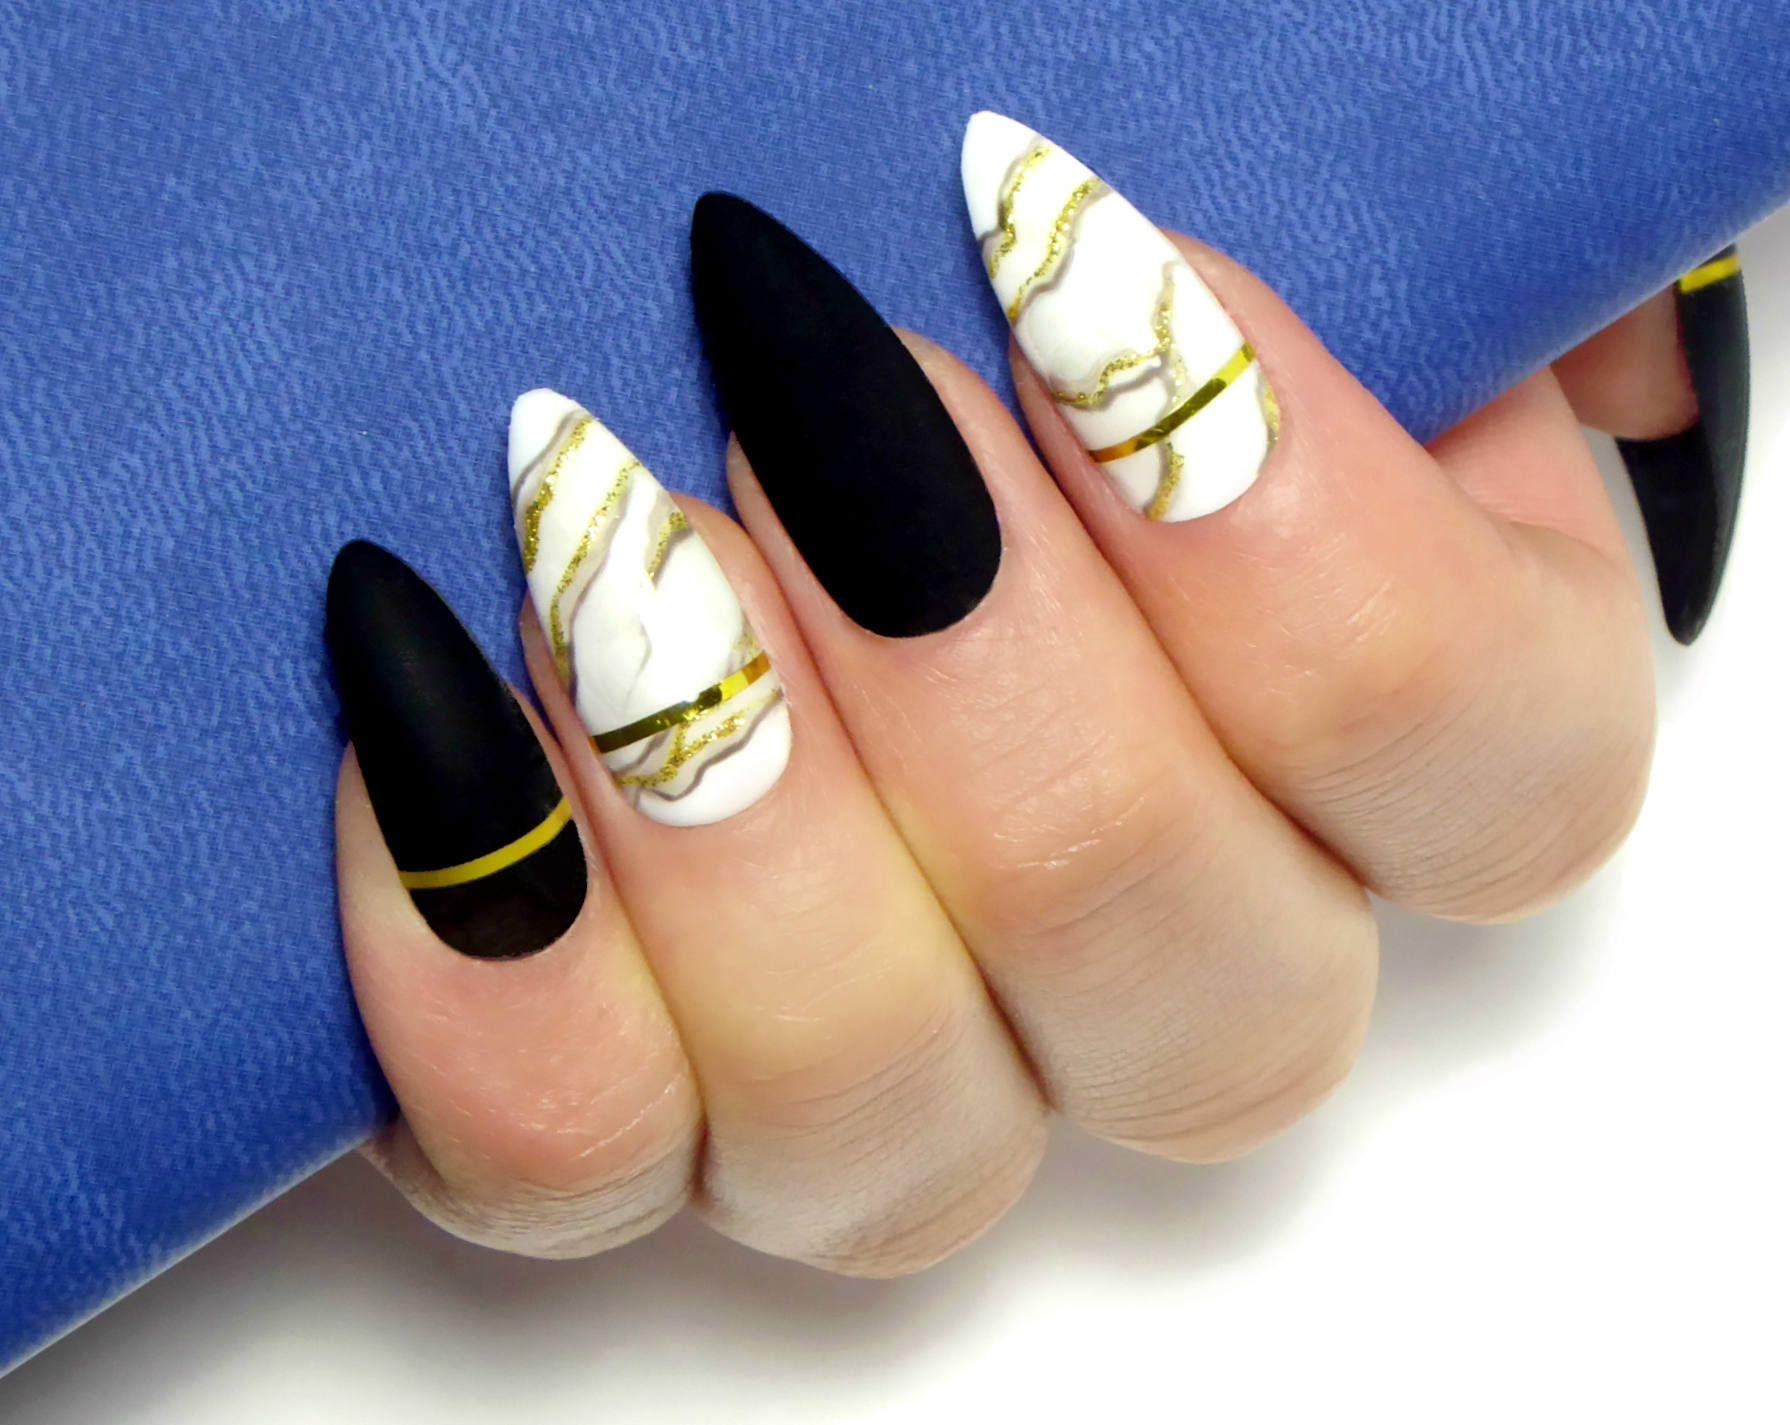 Marble Luxury Gel Nails / Fake nails, press on nails, false nails ...